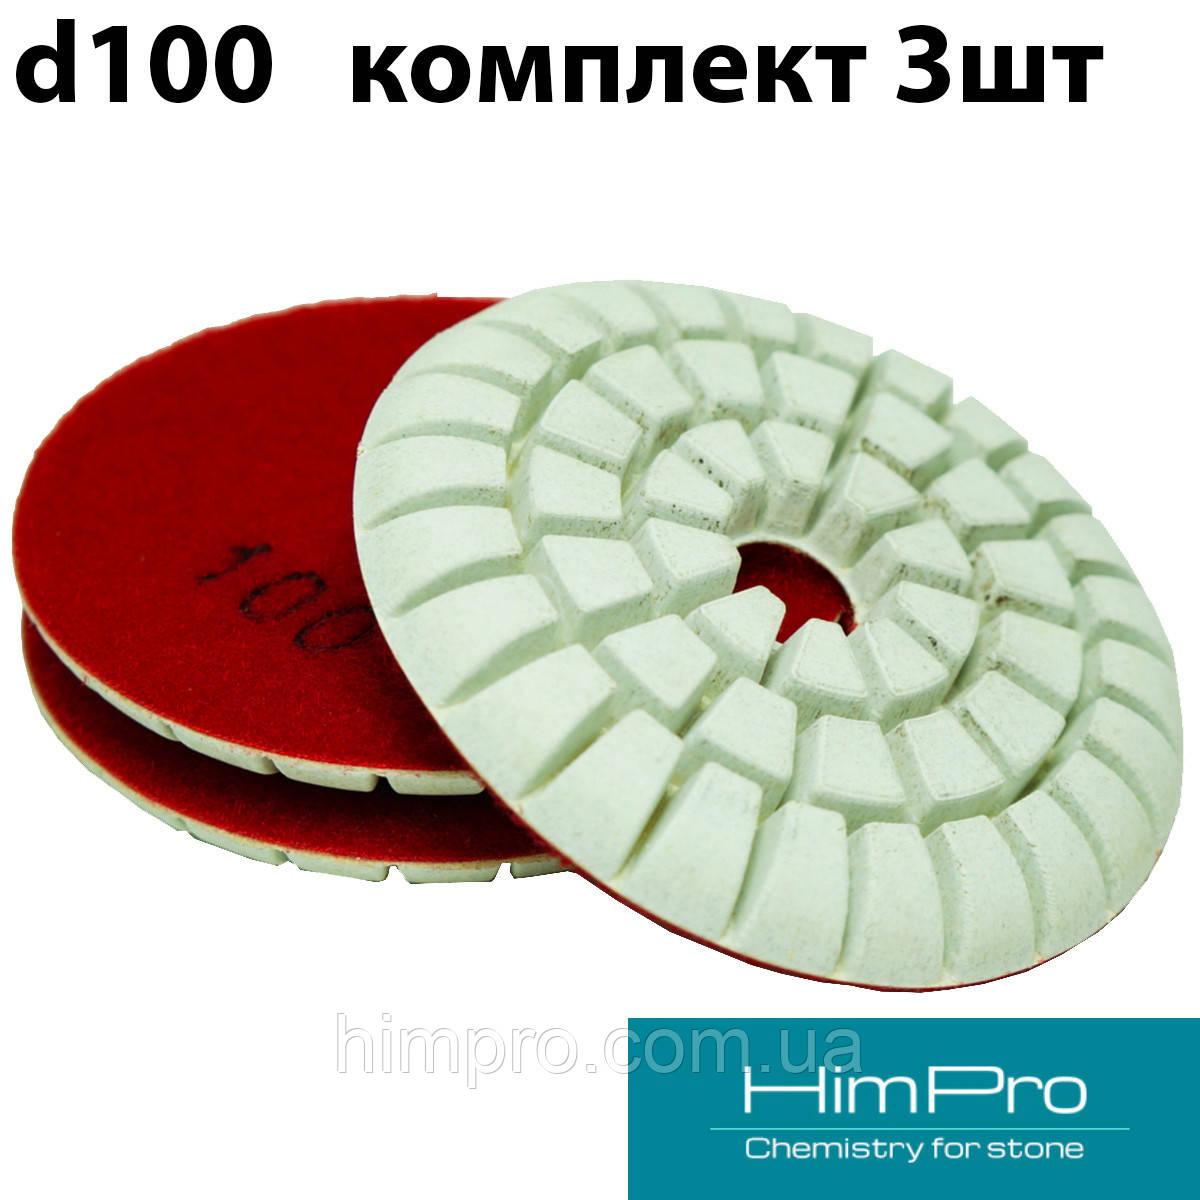 D100 c100 Комплект 3шт Алмазні полірувальні круги для мармурової підлоги 10мм.